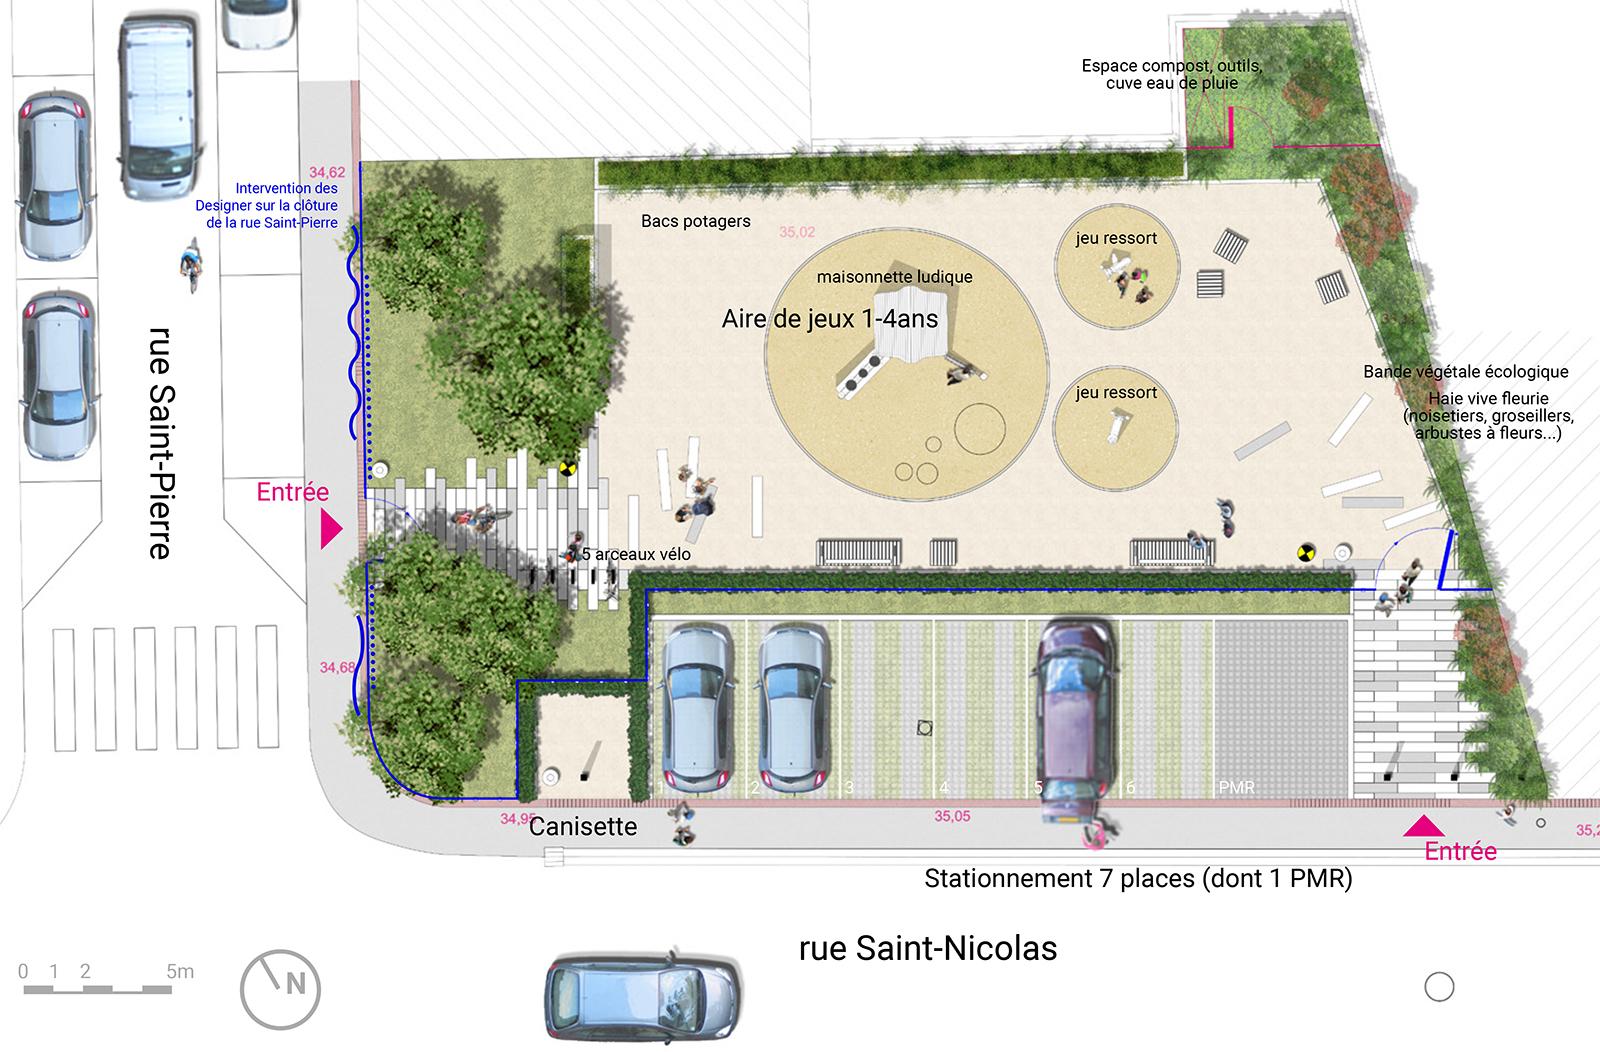 plan aménagement paysager espaces publics square Saint-Nicolas Croix